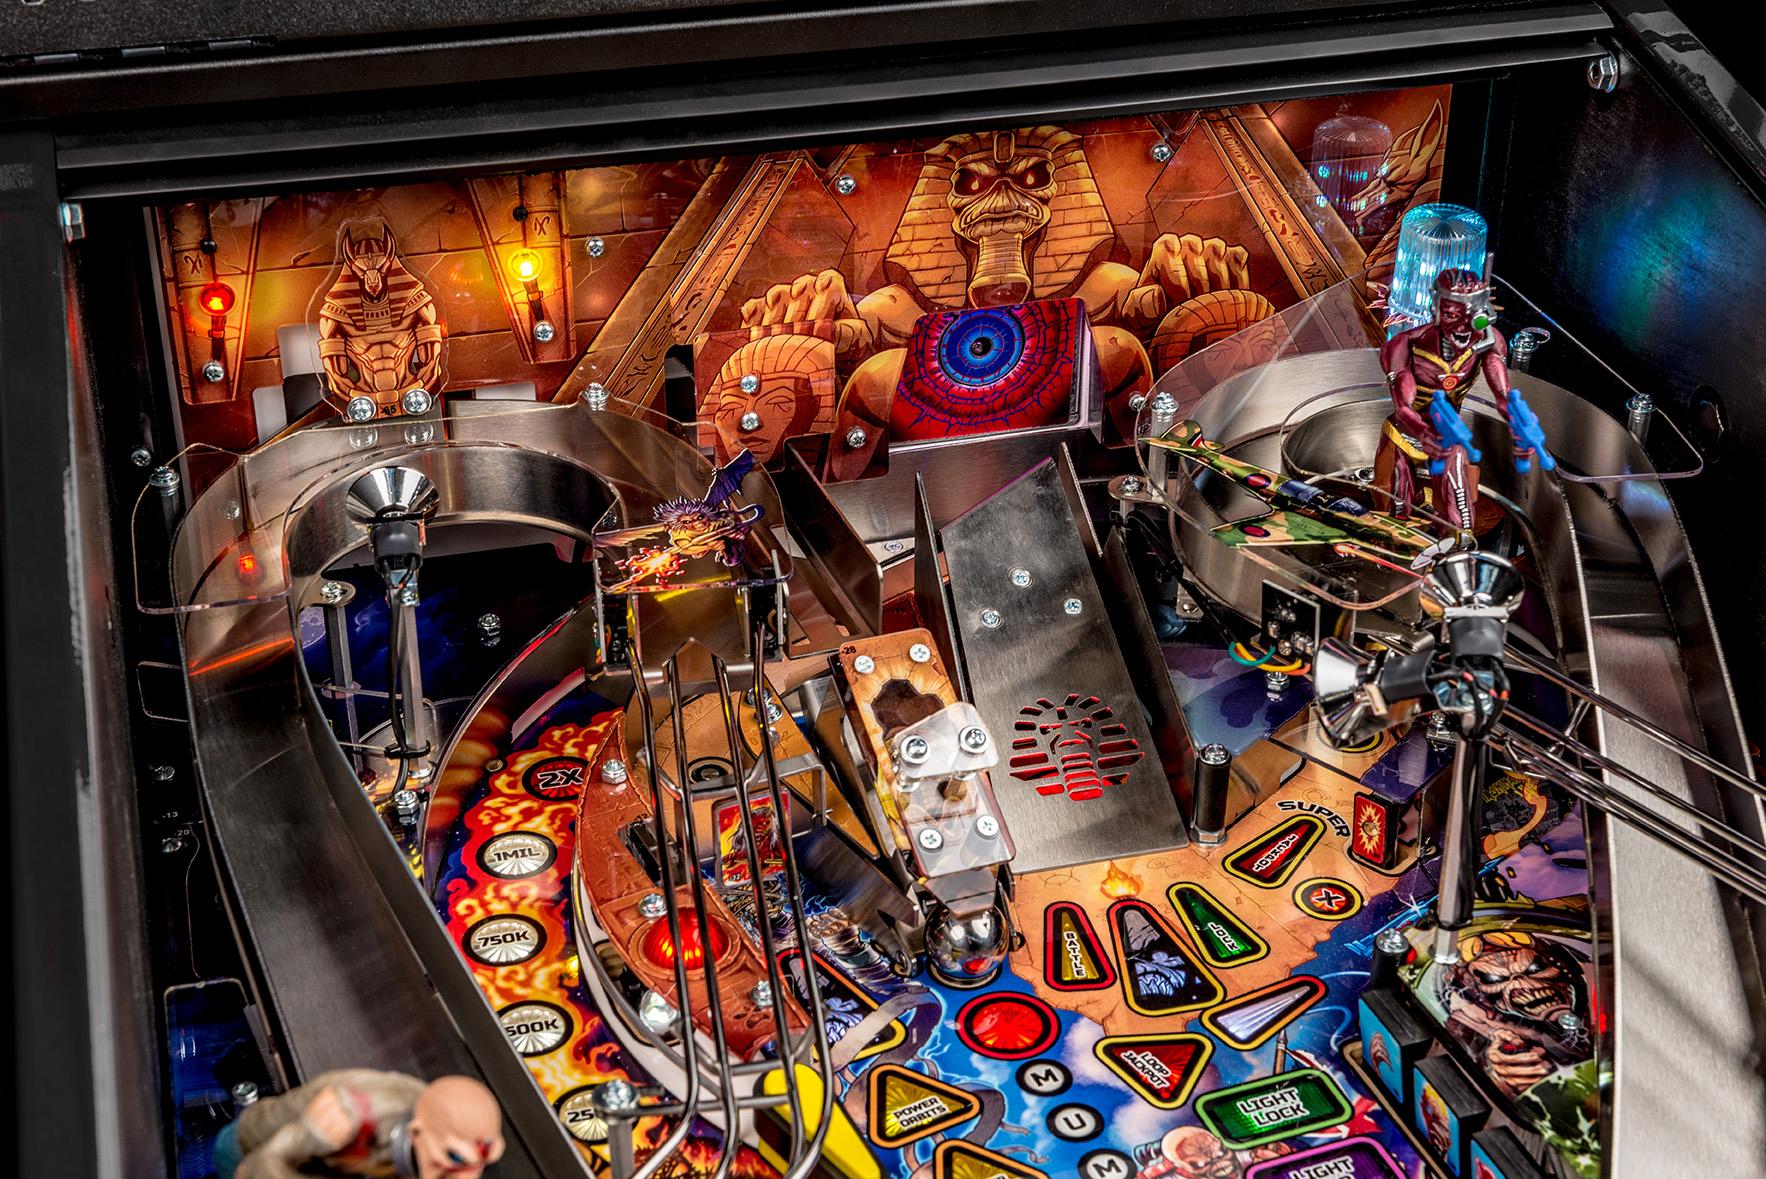 Iron-Maiden-Pinball-Machine-01b